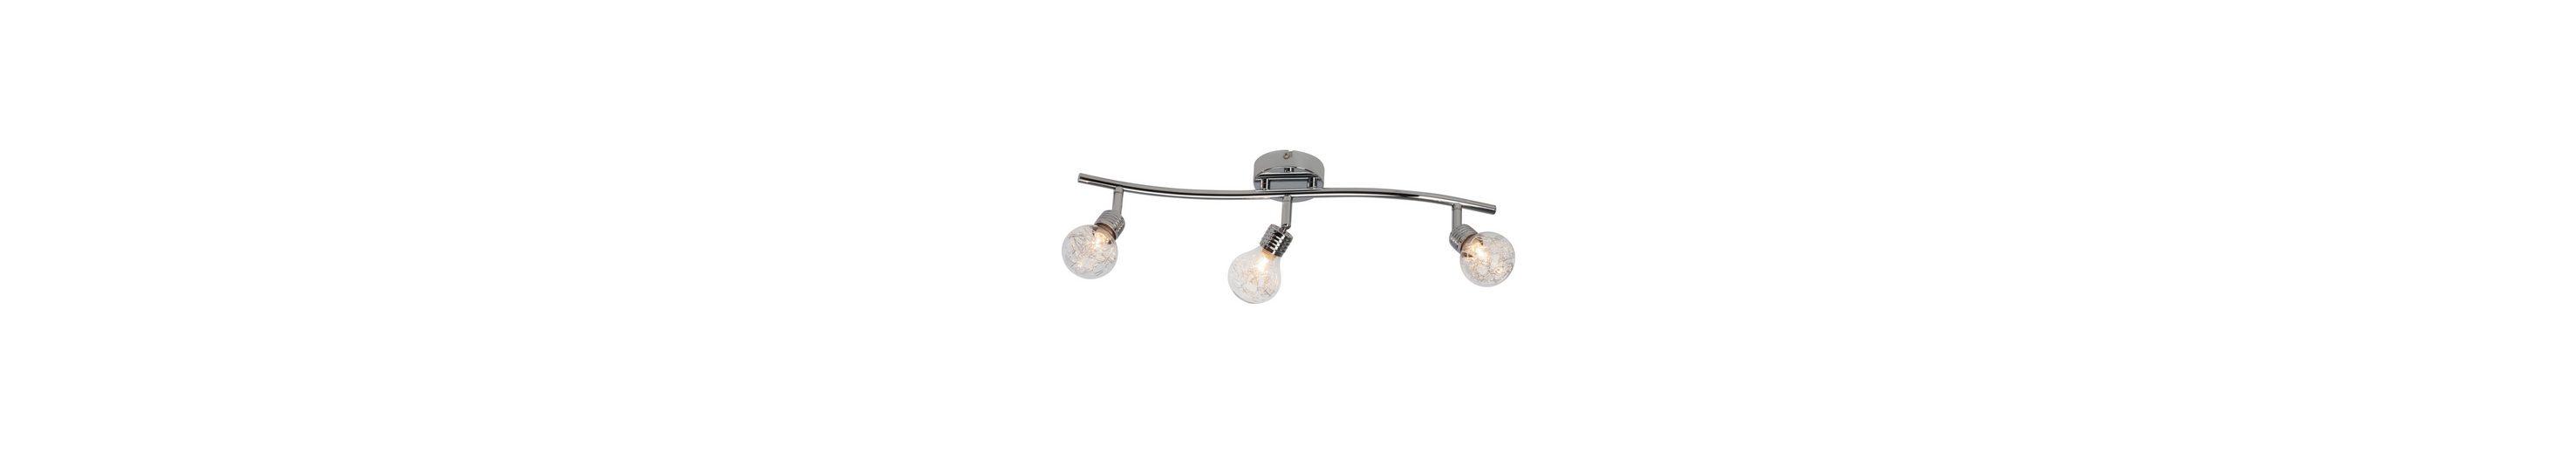 Brilliant Leuchten Bulb Spotrohr, 3-flammig chrom